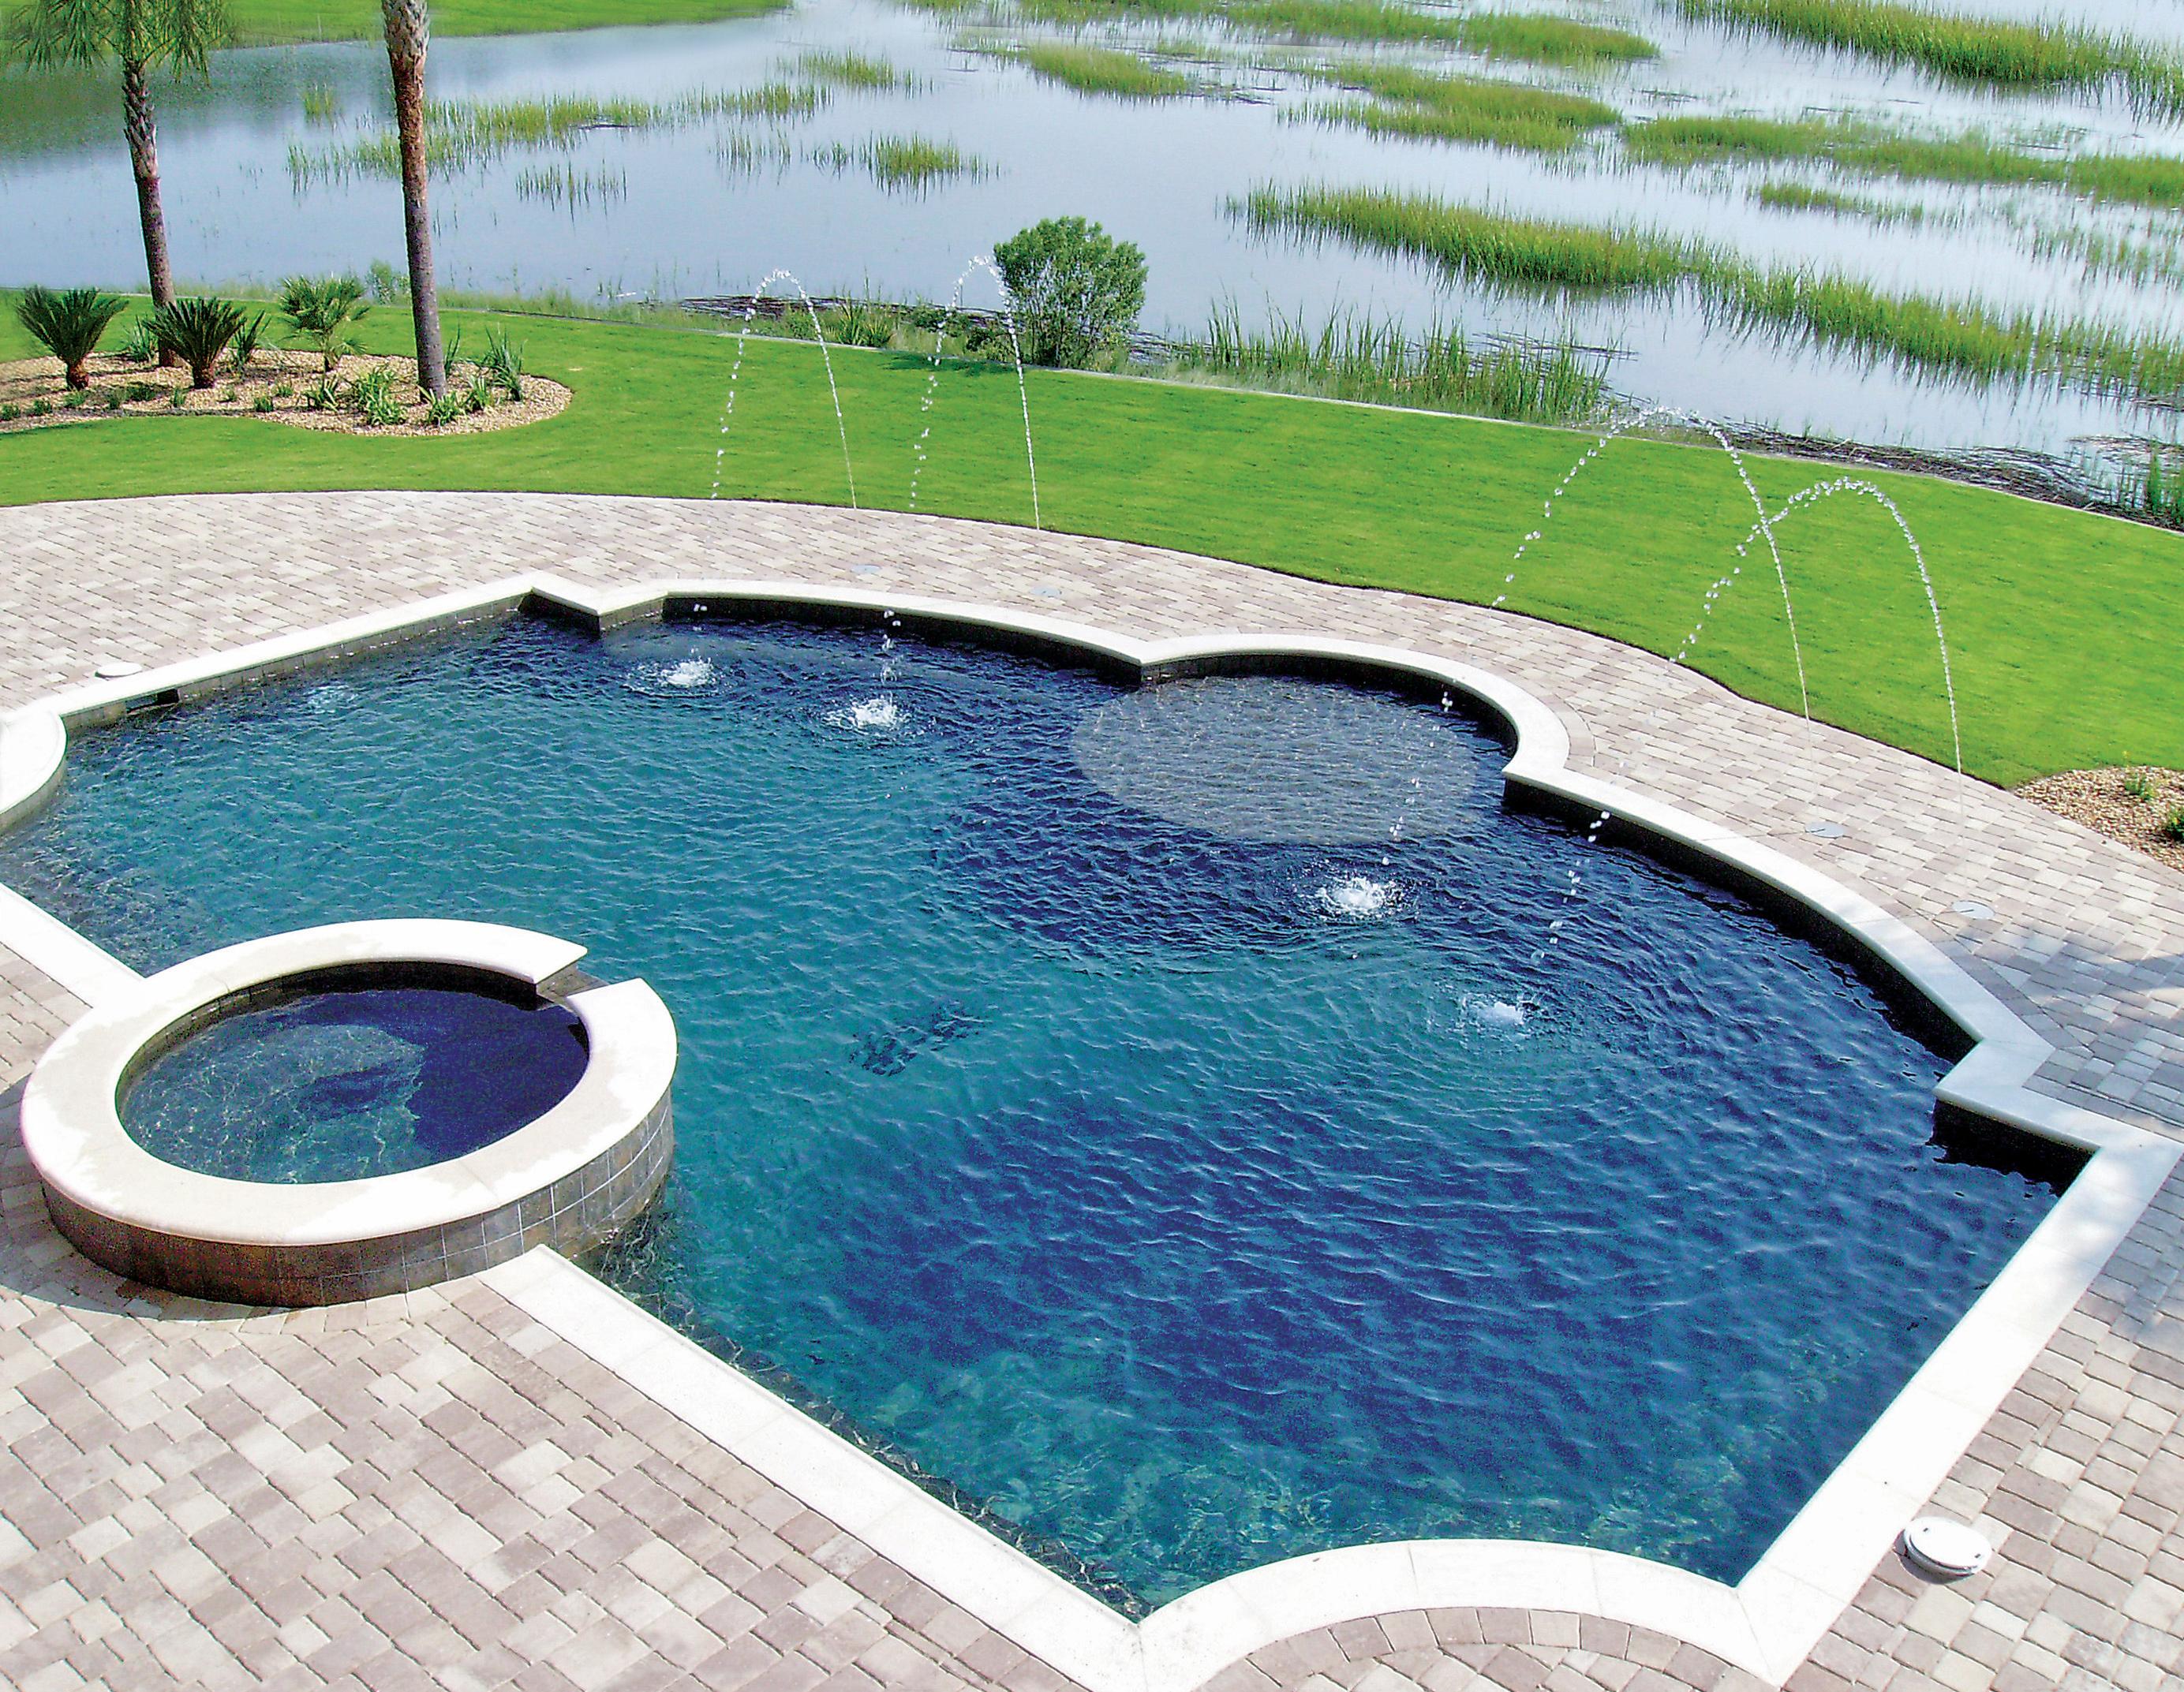 Blue Haven Pools & Spas